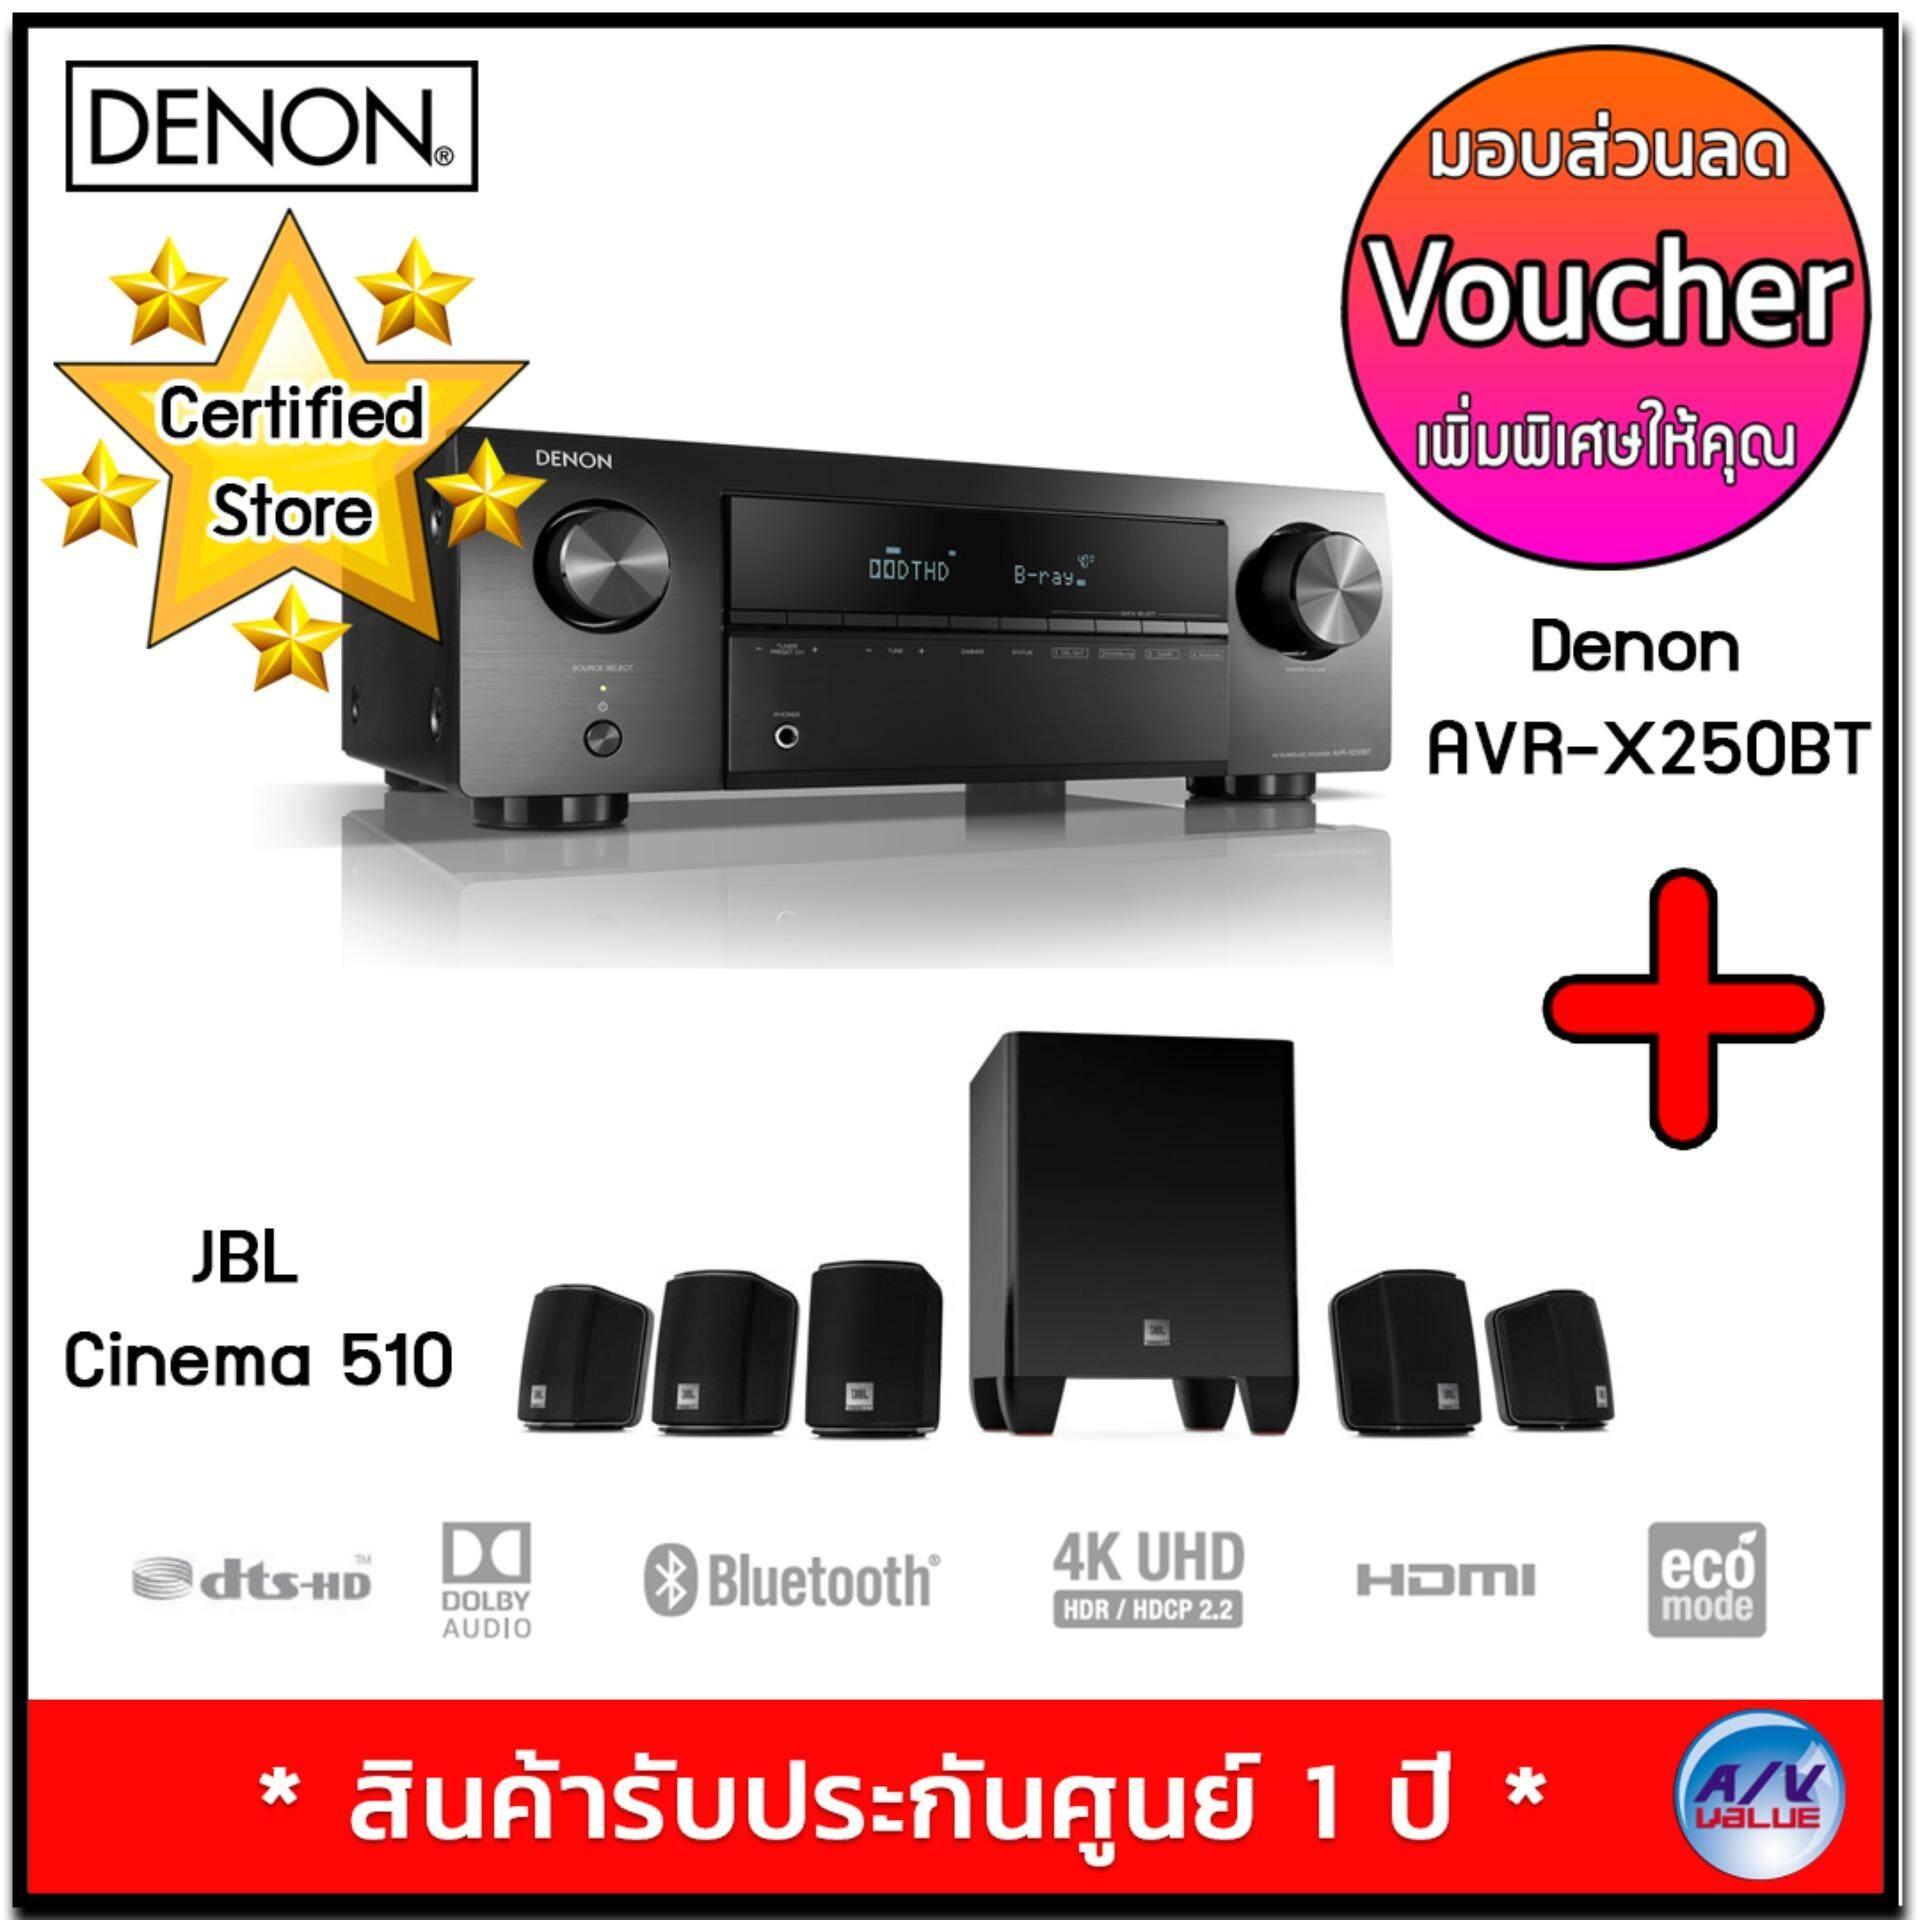 ยี่ห้อไหนดี  ชัยภูมิ Denon AVR-X250BT 5.1 Ch. 4K Ultra HD AV Receiver with Bluetooth + JBL Cinema 510